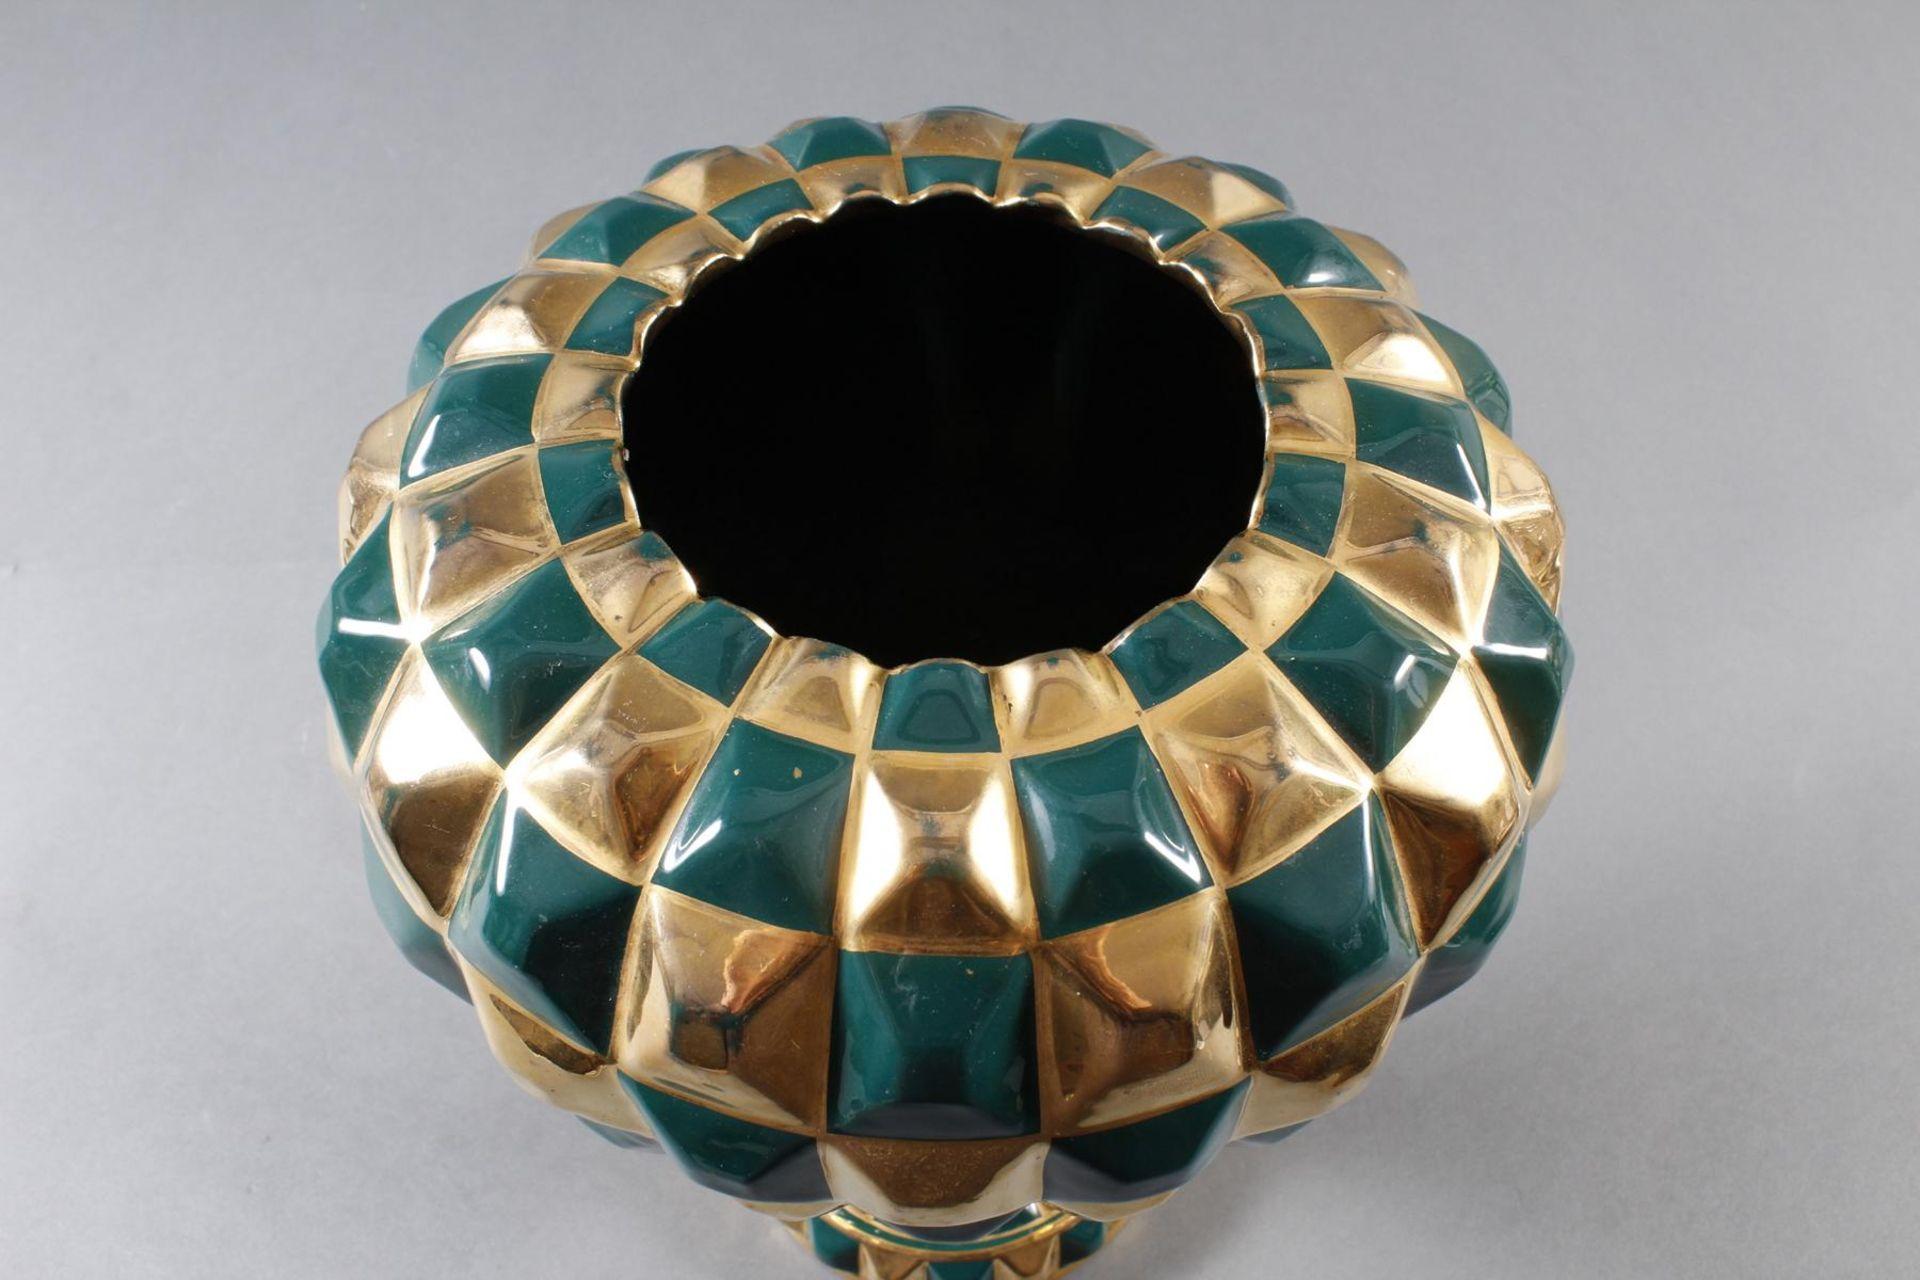 Designer-Keramikvase, wohl 1960er Jahre - Bild 4 aus 5